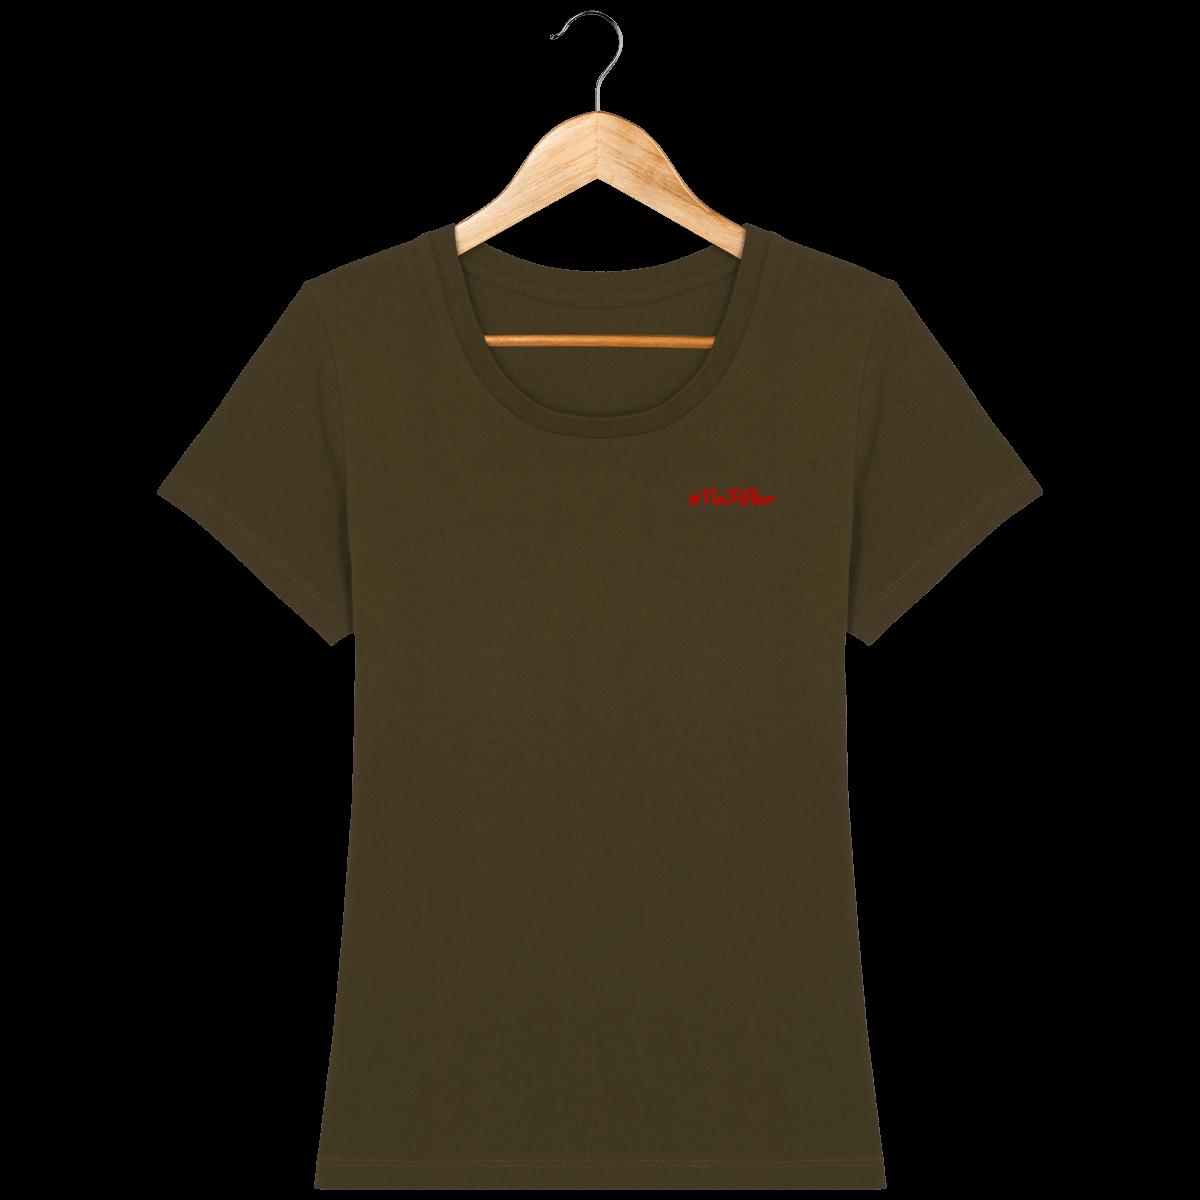 t-shirt-bio-brode-nofilter-black-red_british-khaki_face